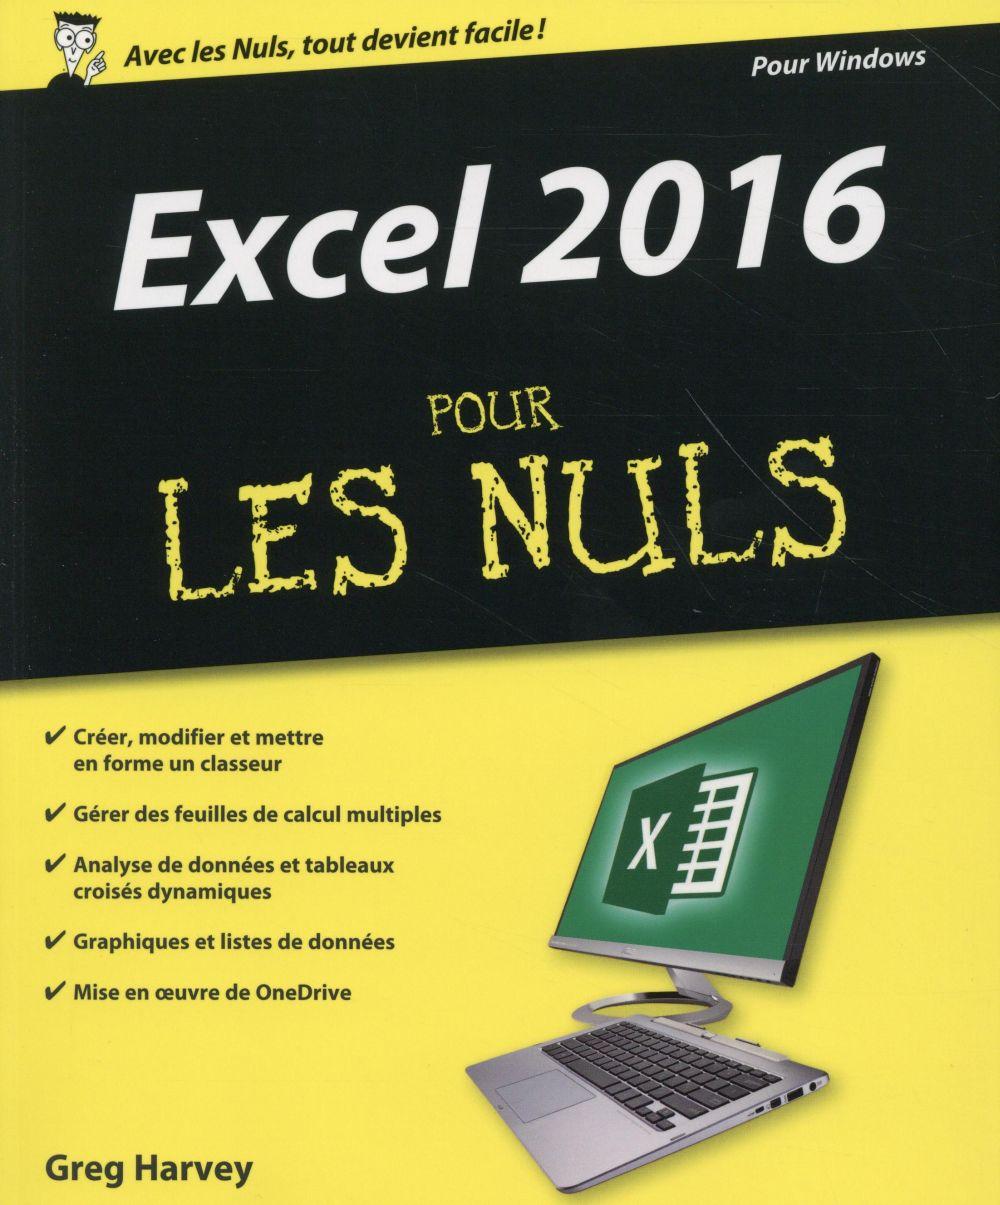 Harvey Greg - EXCEL 2016 POUR LES NULS